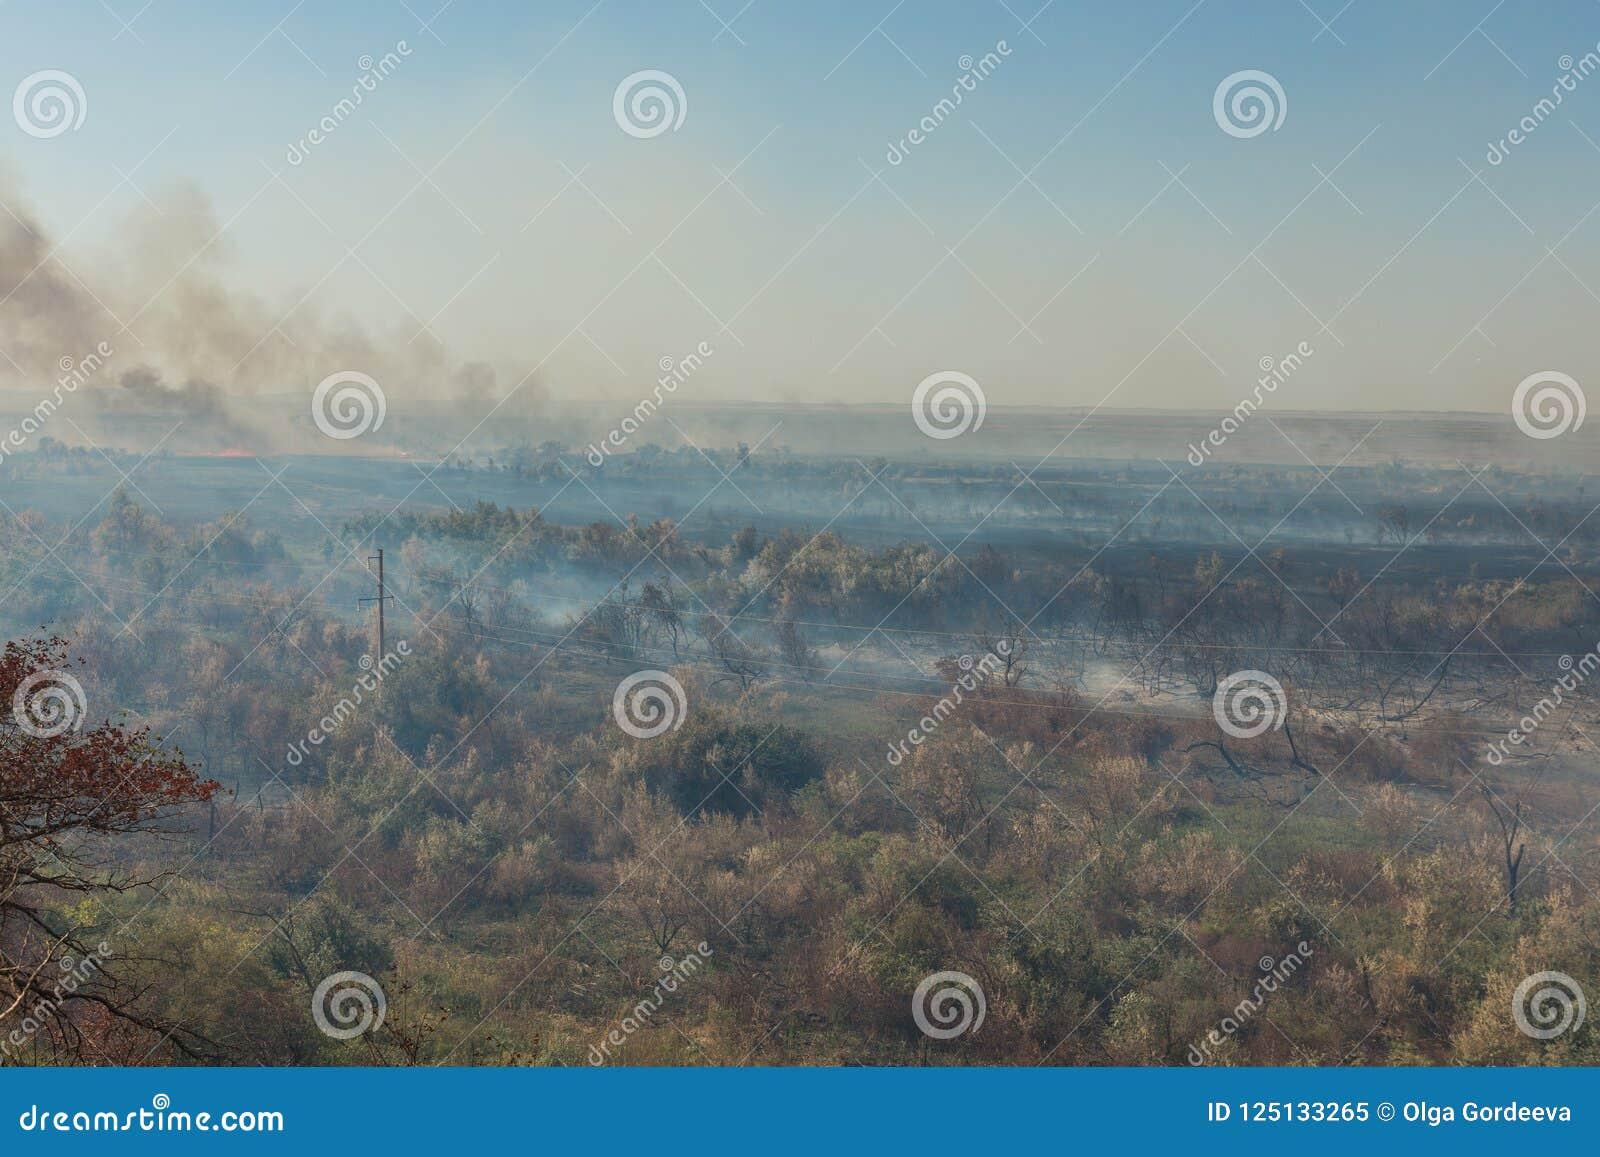 Лесной пожар Сгорели деревья после лесного пожара, загрязнения